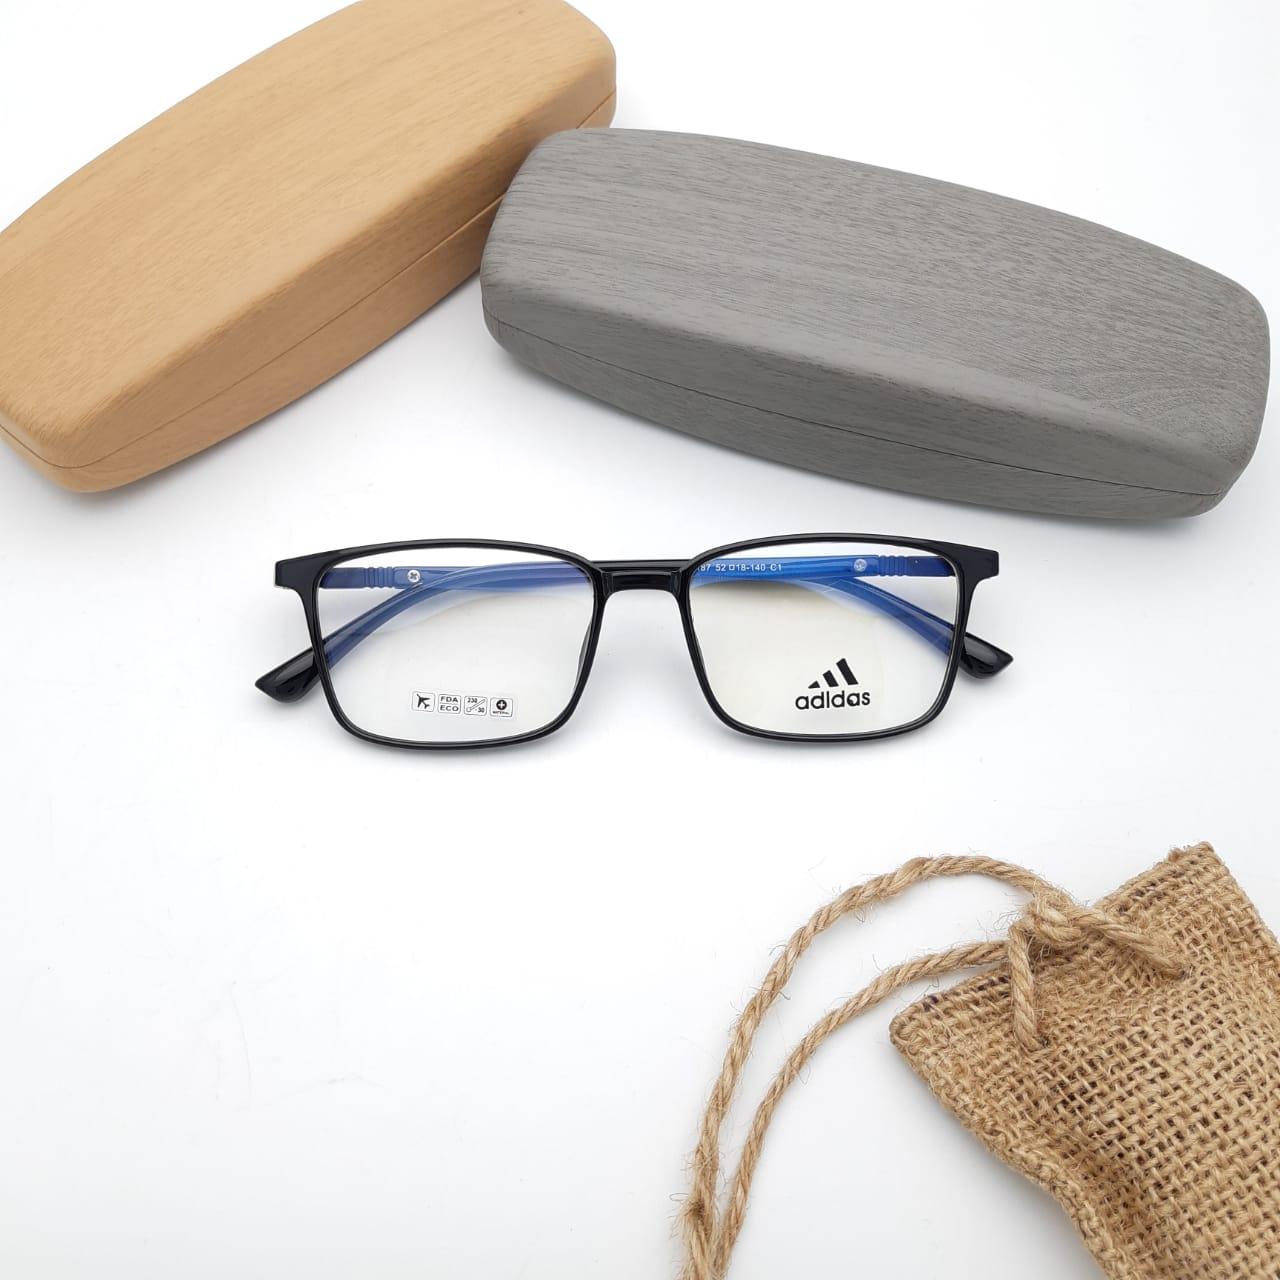 Jual kacamata frame Adidas